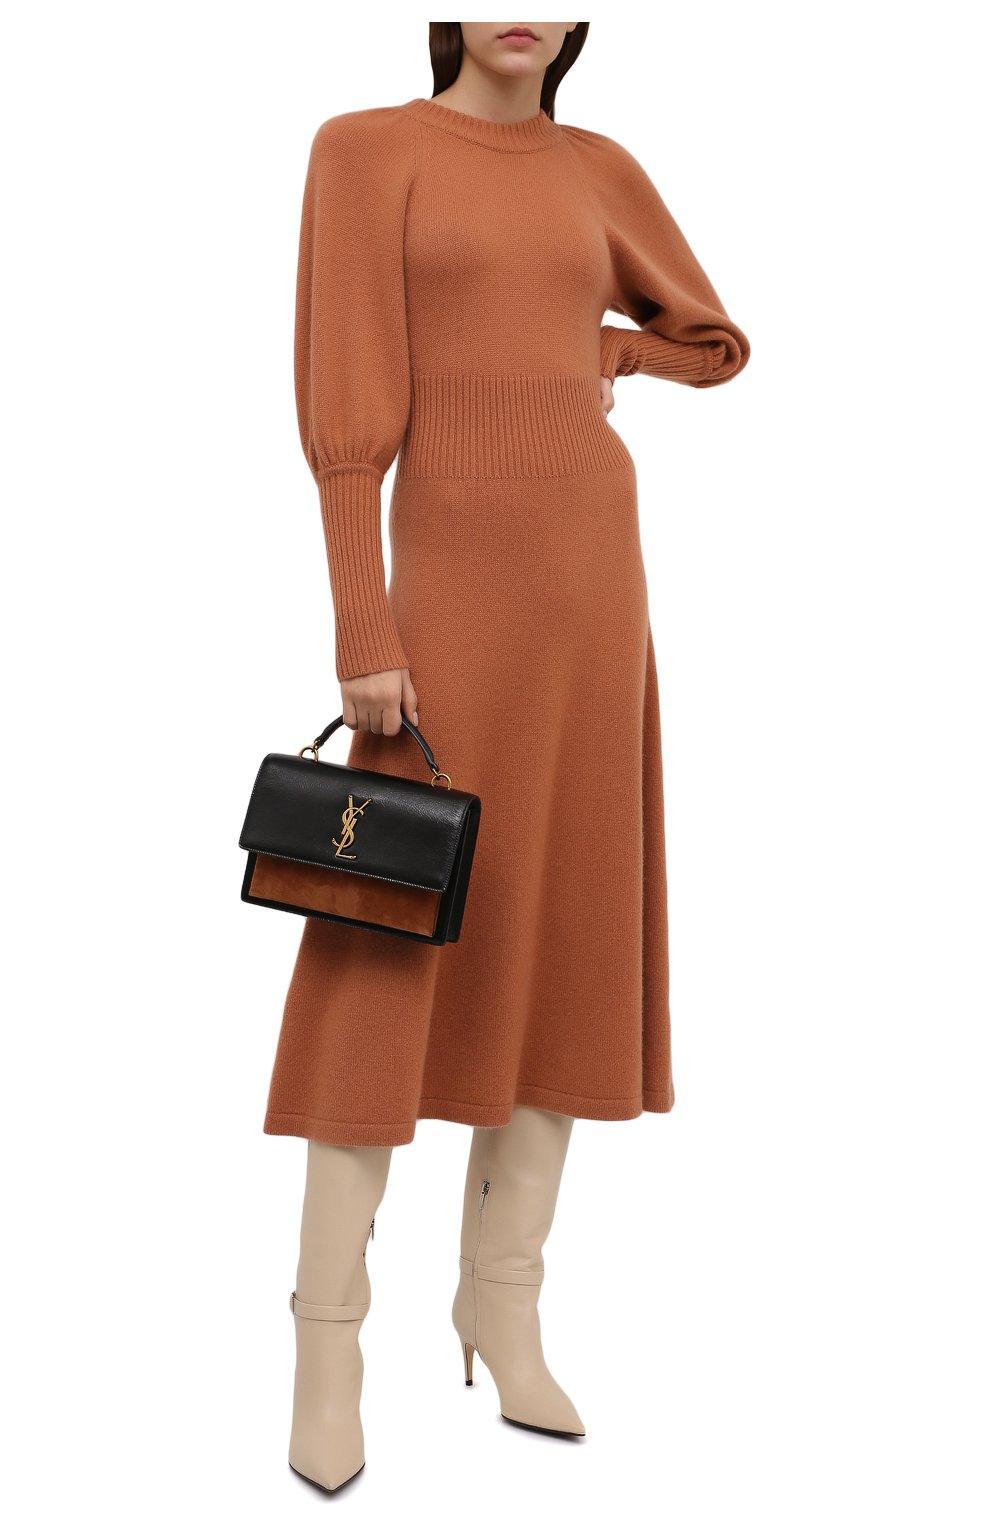 Женское кашемировое платье ZIMMERMANN бежевого цвета, арт. 1974DRC0N | Фото 2 (Материал внешний: Шерсть, Кашемир; Рукава: Длинные; Случай: Повседневный; Длина Ж (юбки, платья, шорты): Миди; Женское Кросс-КТ: Платье-одежда; Стили: Кэжуэл)